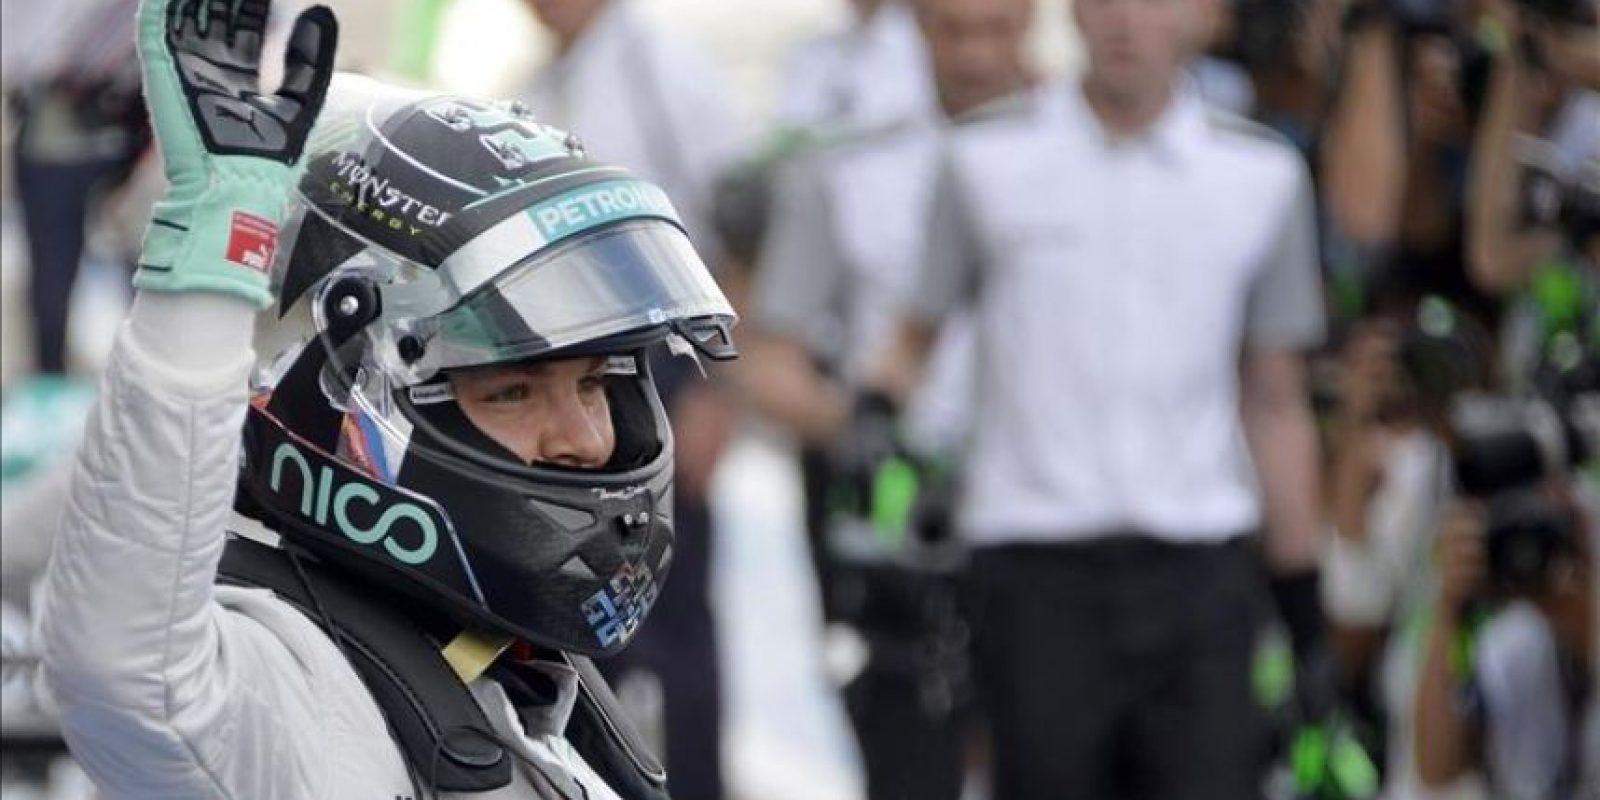 El piloto alemán Nico Rosberg, hoy tras conseguir la pole en la carrera de mañana, en el circuito de Suzuka. EFE